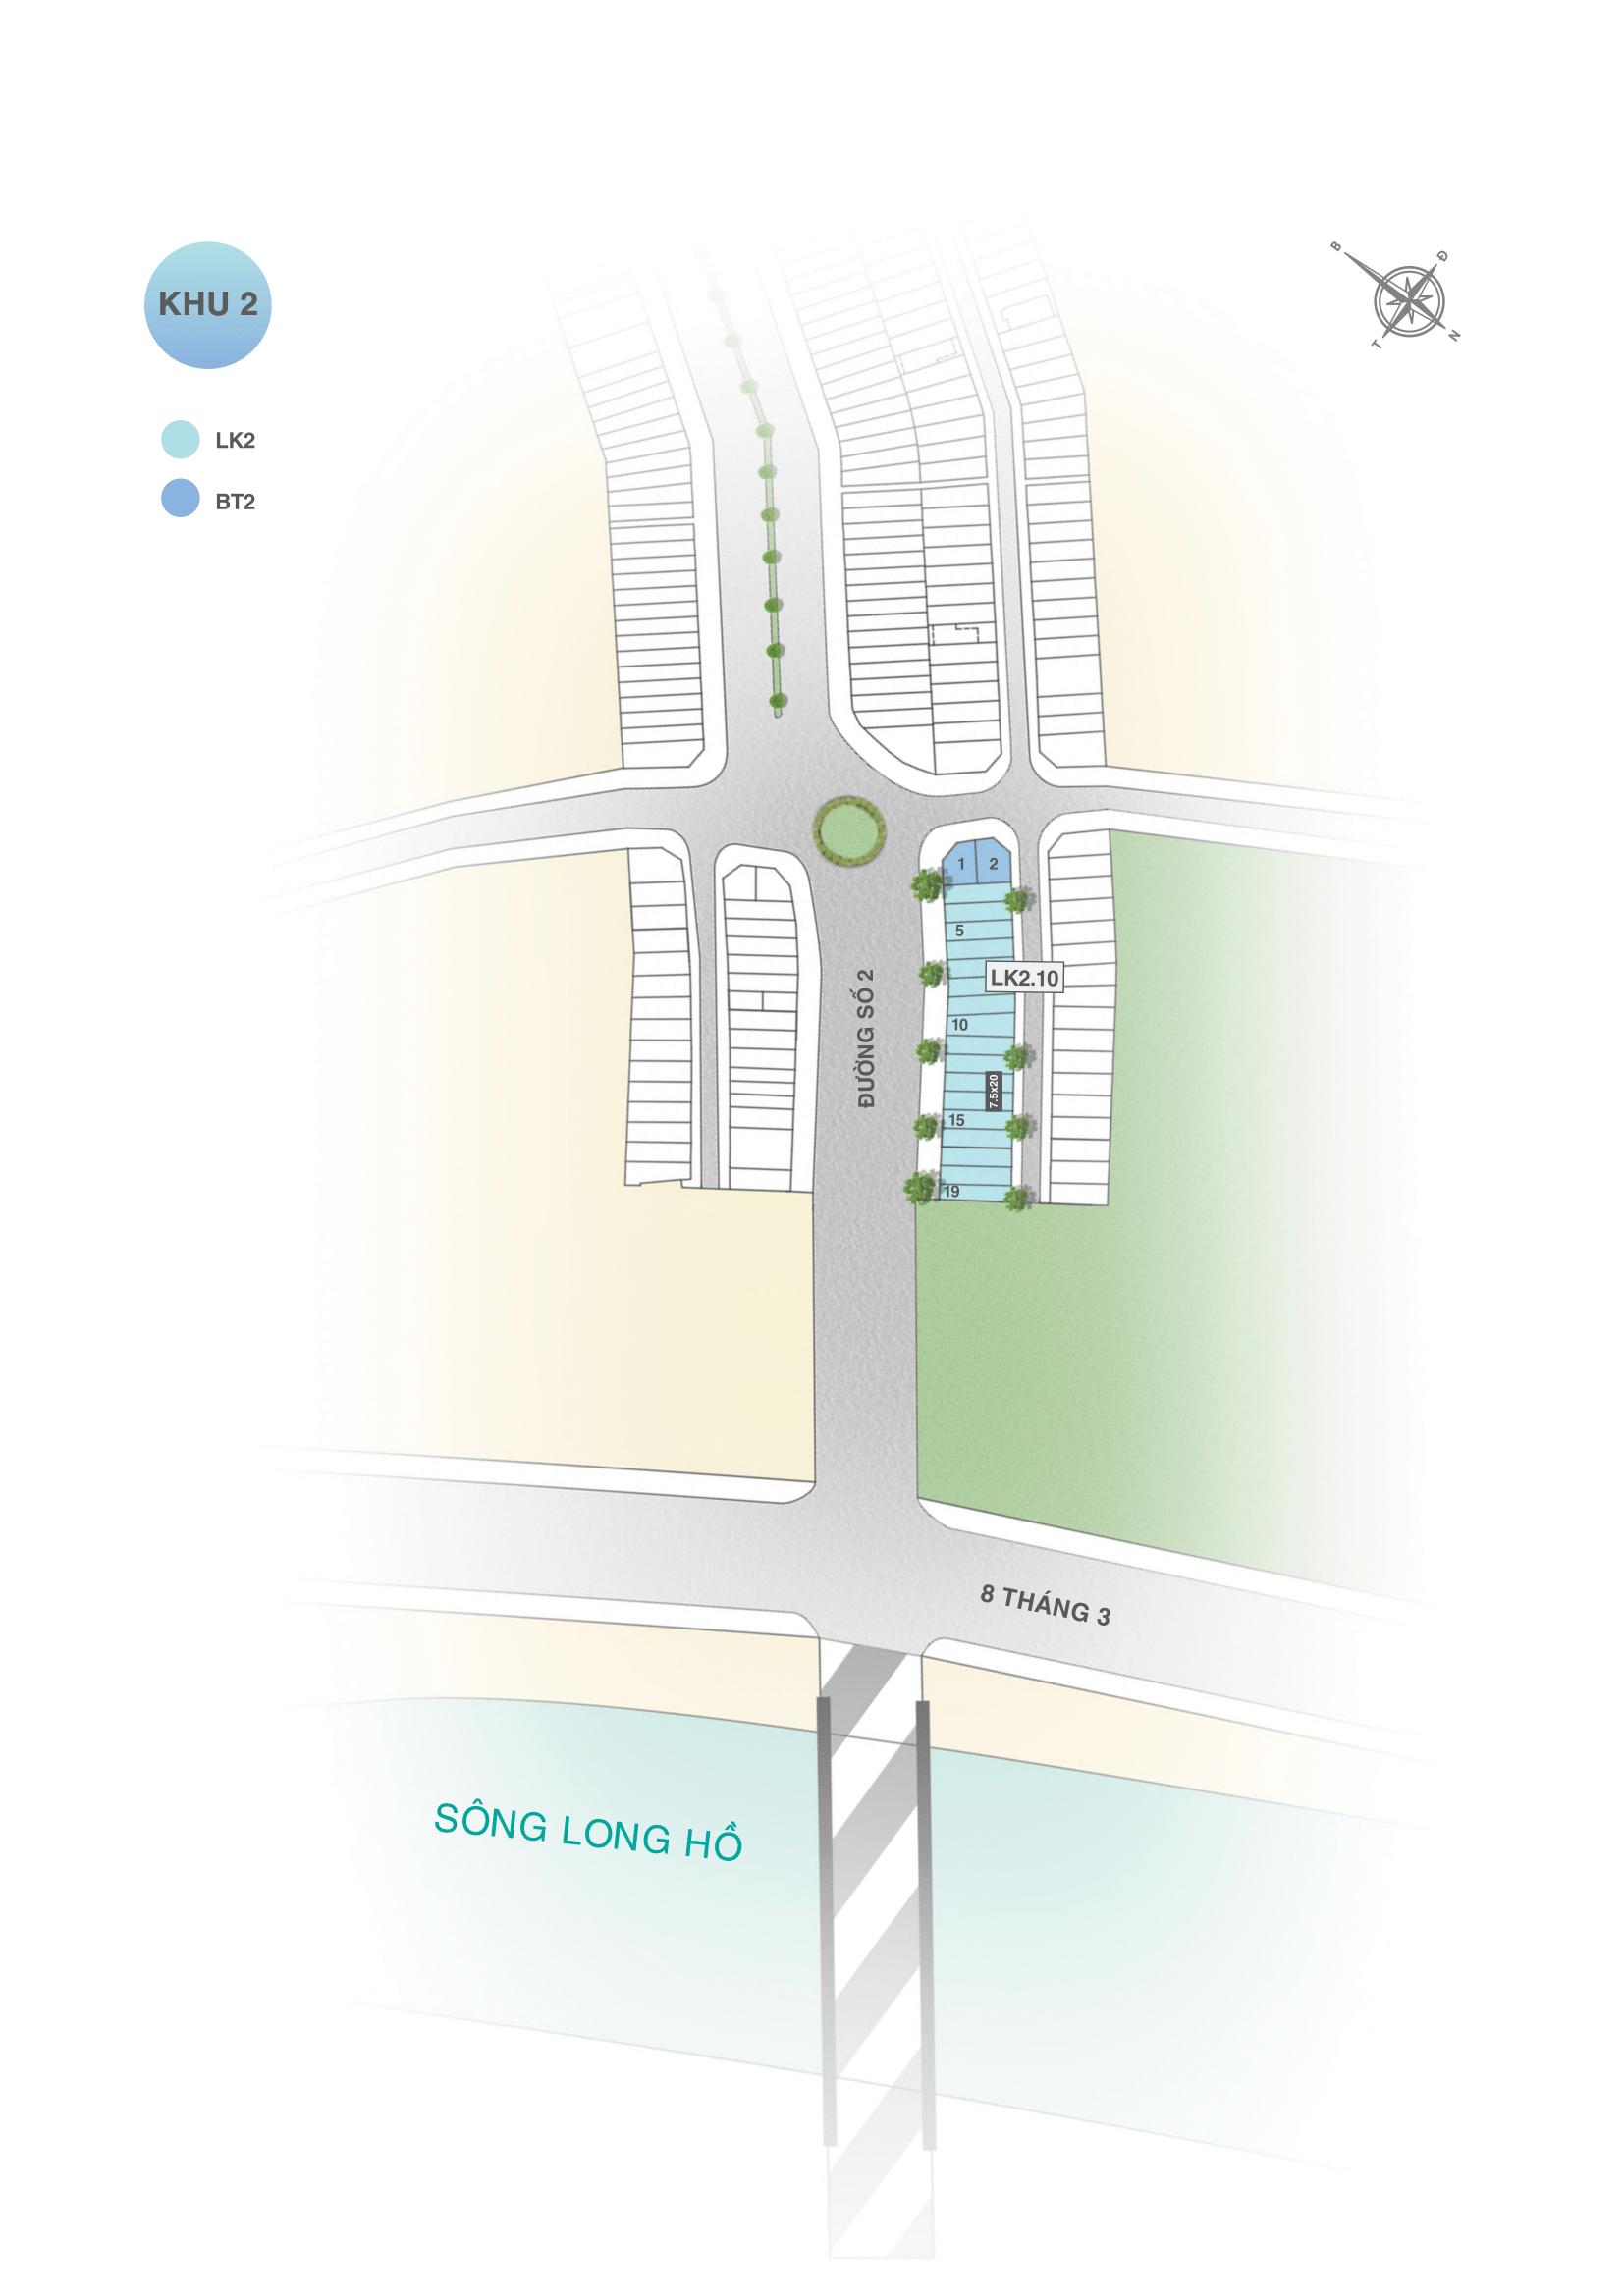 Mặt bằng phân khu 3 dự án đất nền Vinh Long New Town